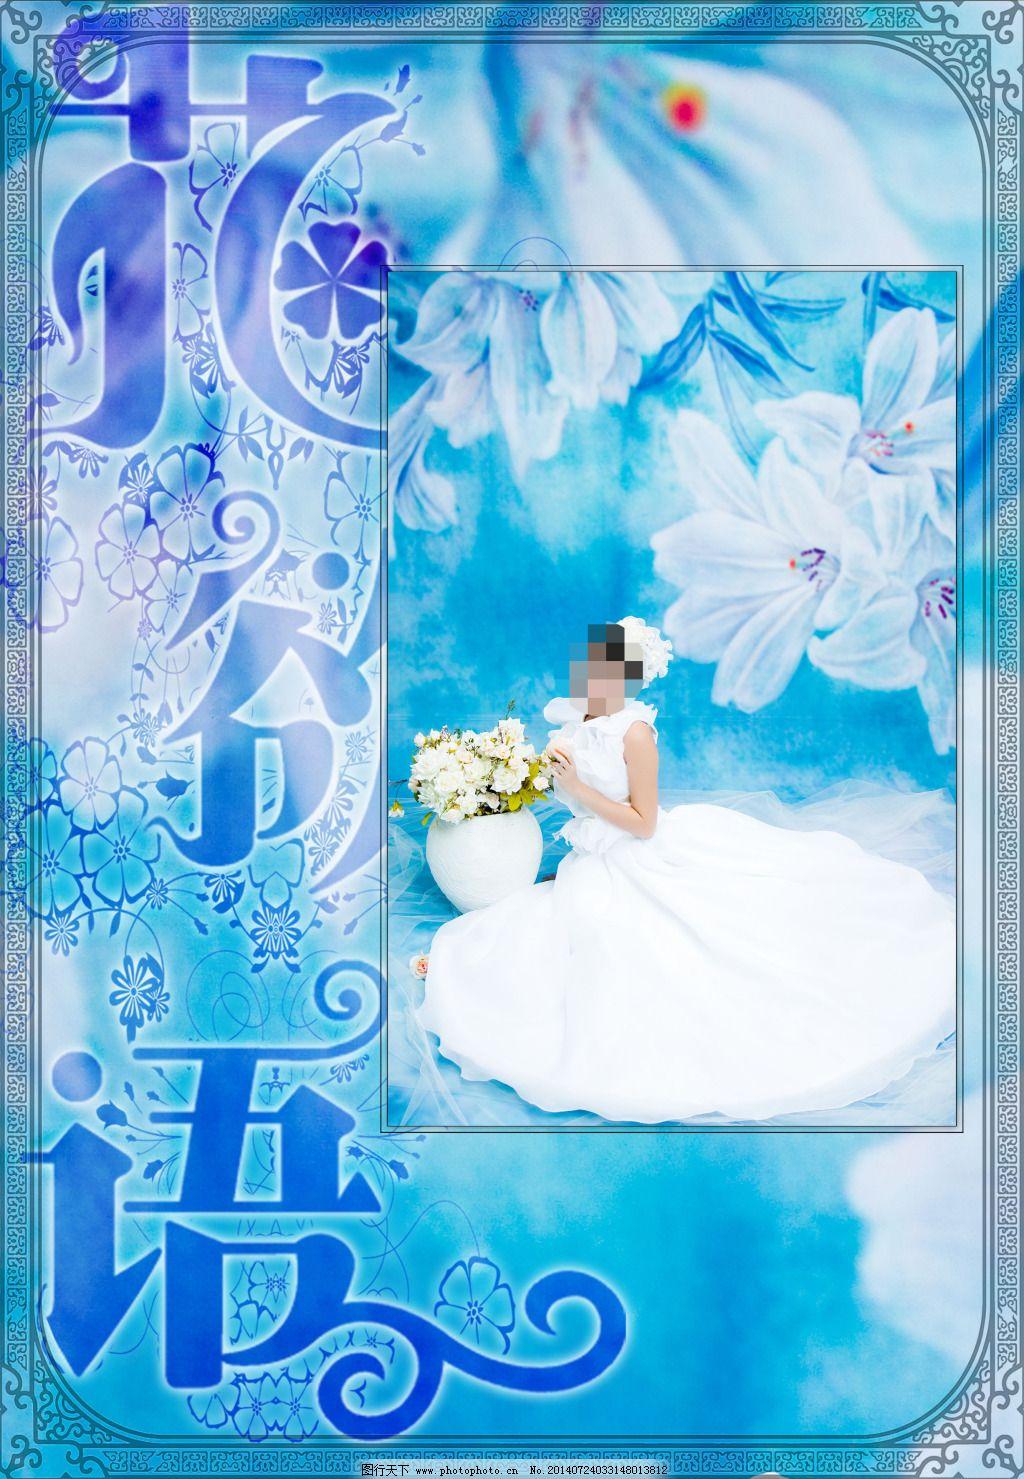 水晶册封面免费下载 婚纱 水晶册封面 婚纱 文字修饰 psd源文件 婚纱